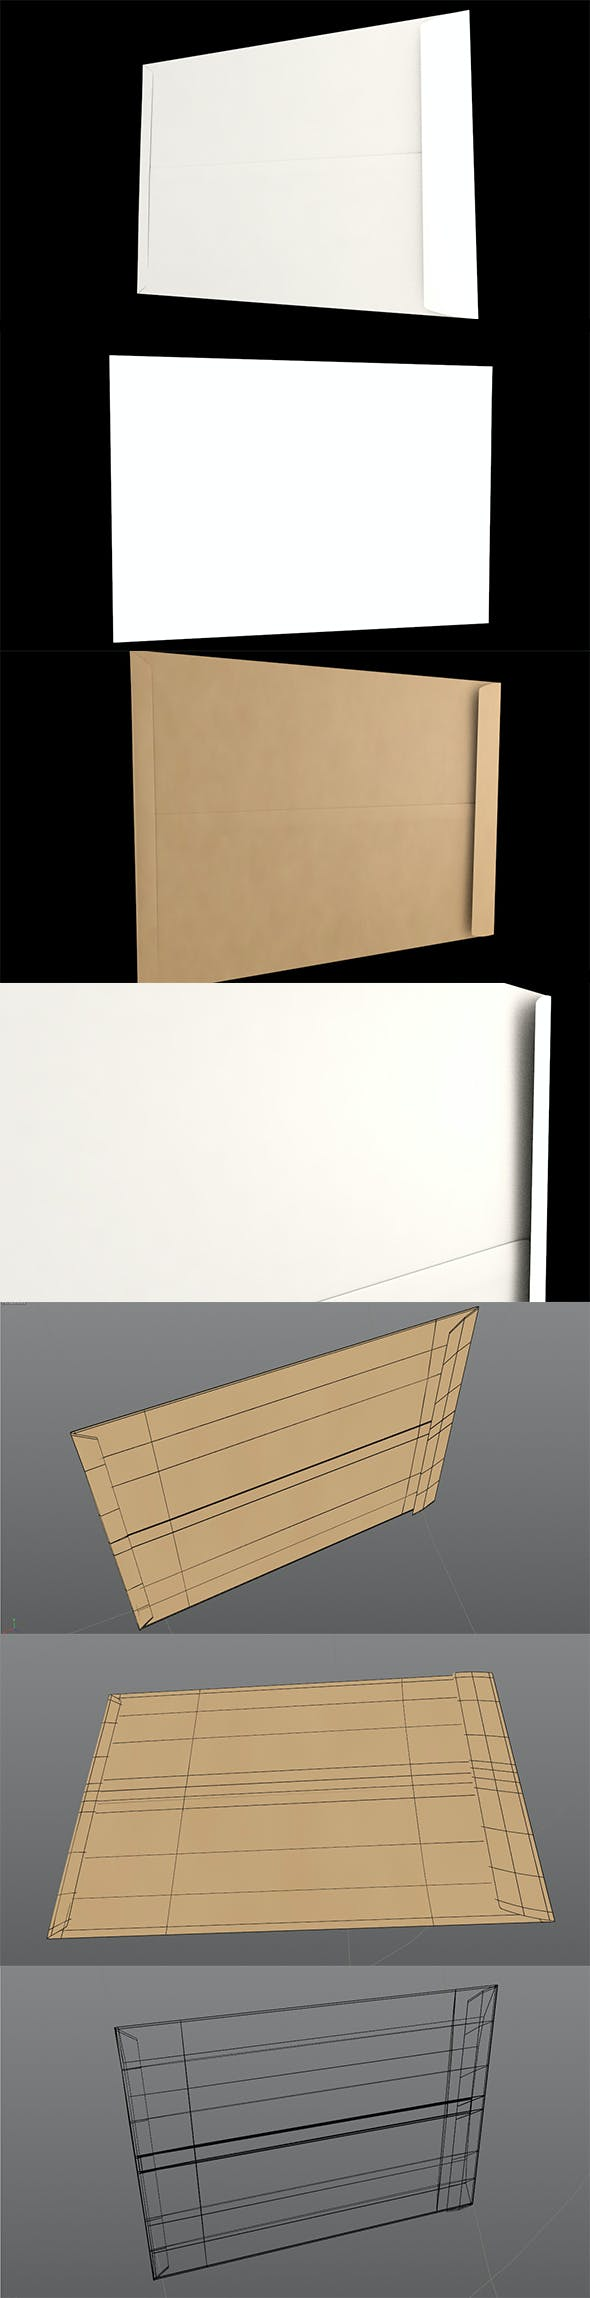 3D Envelope (Size C5 Pocket) - 3DOcean Item for Sale